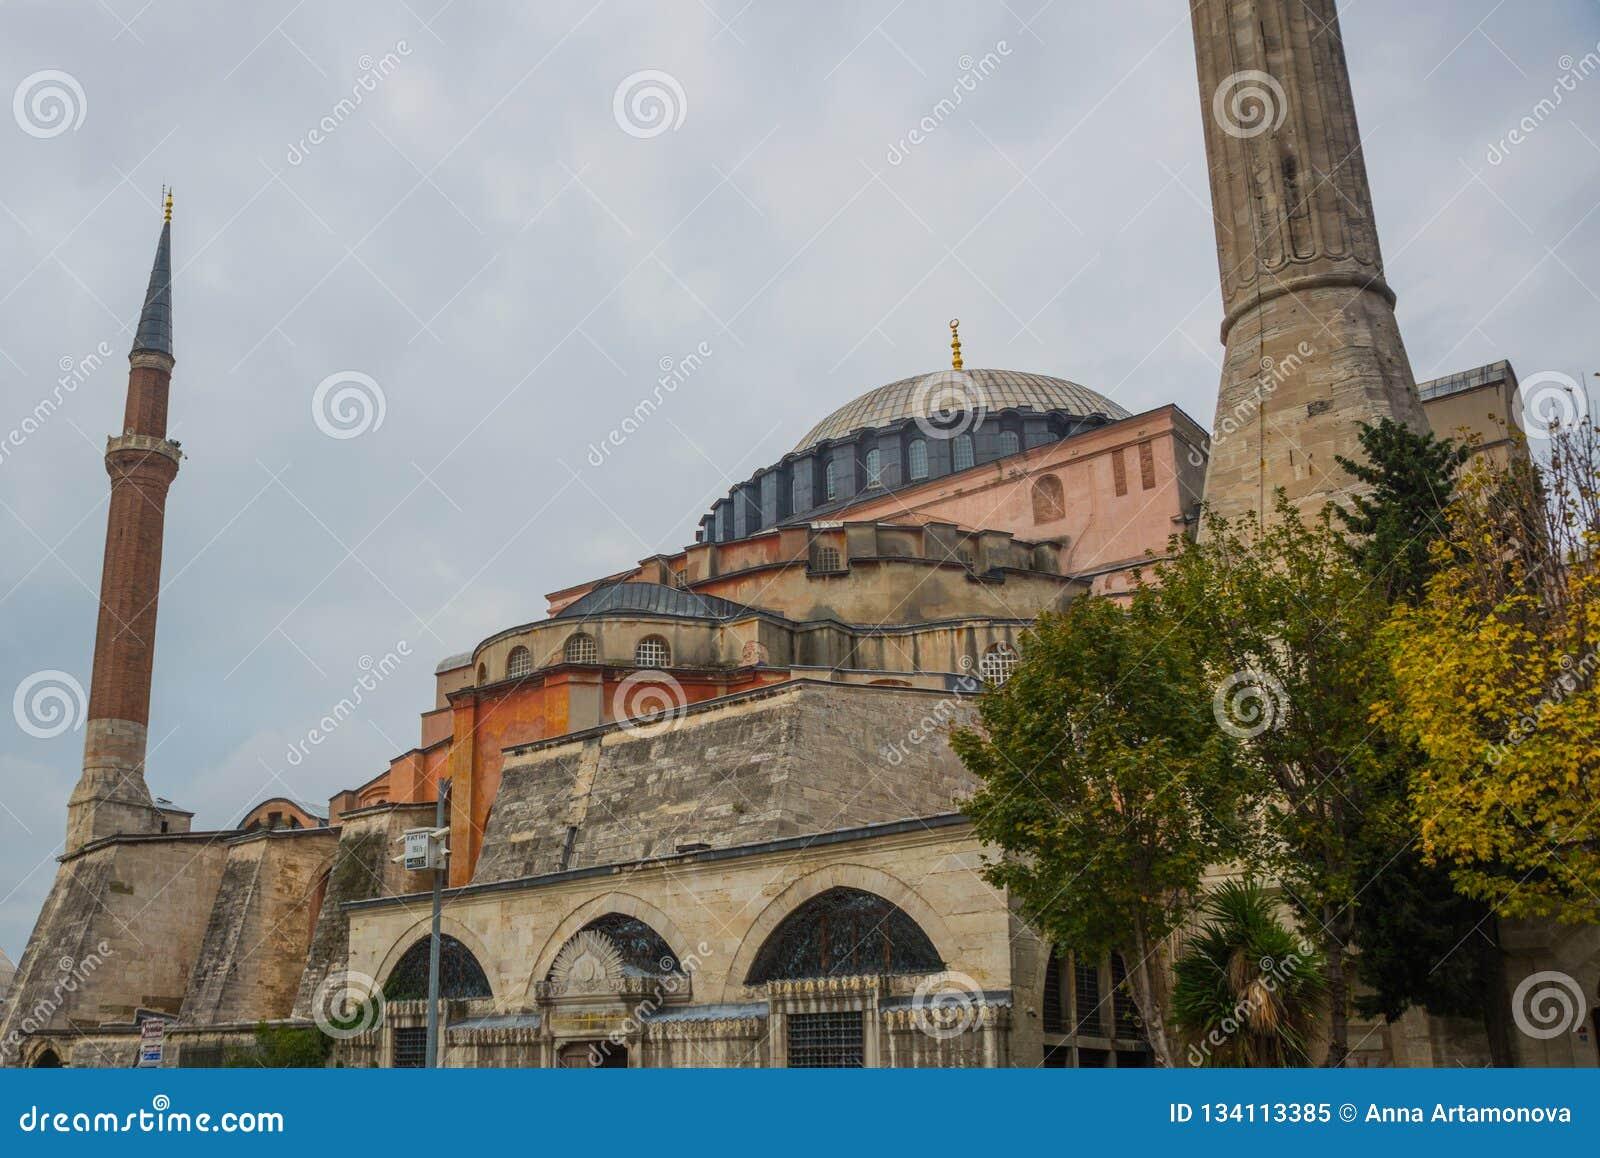 Vue de Hagia Sophia, basilique patriarcale chrétienne, mosquée impériale et maintenant un musée Istanbul, Turquie